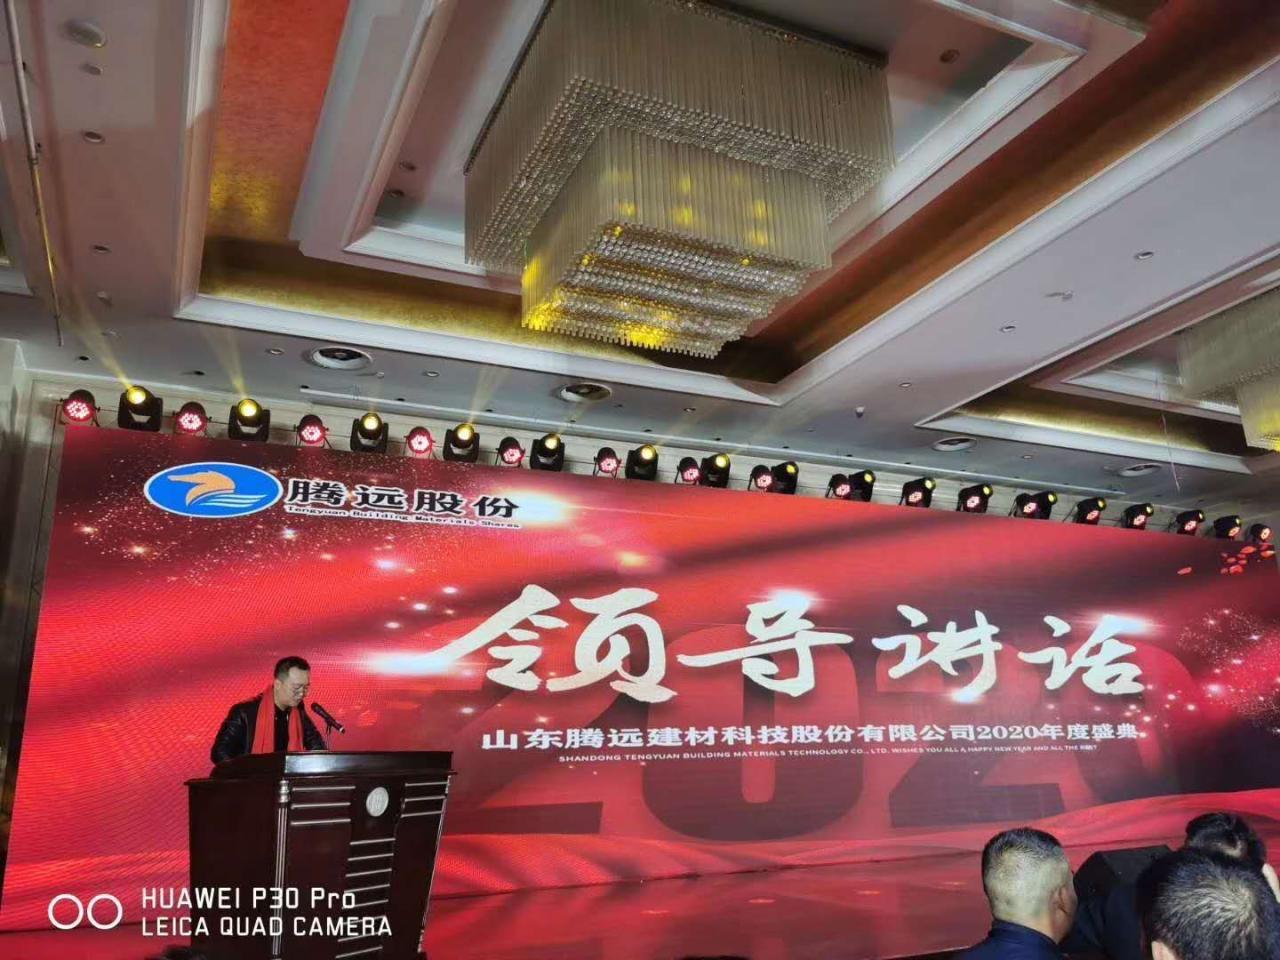 热烈庆祝山东腾远建材科技股份有限公司2020年年度盛典在临沂蓝海国际大酒店隆重举行